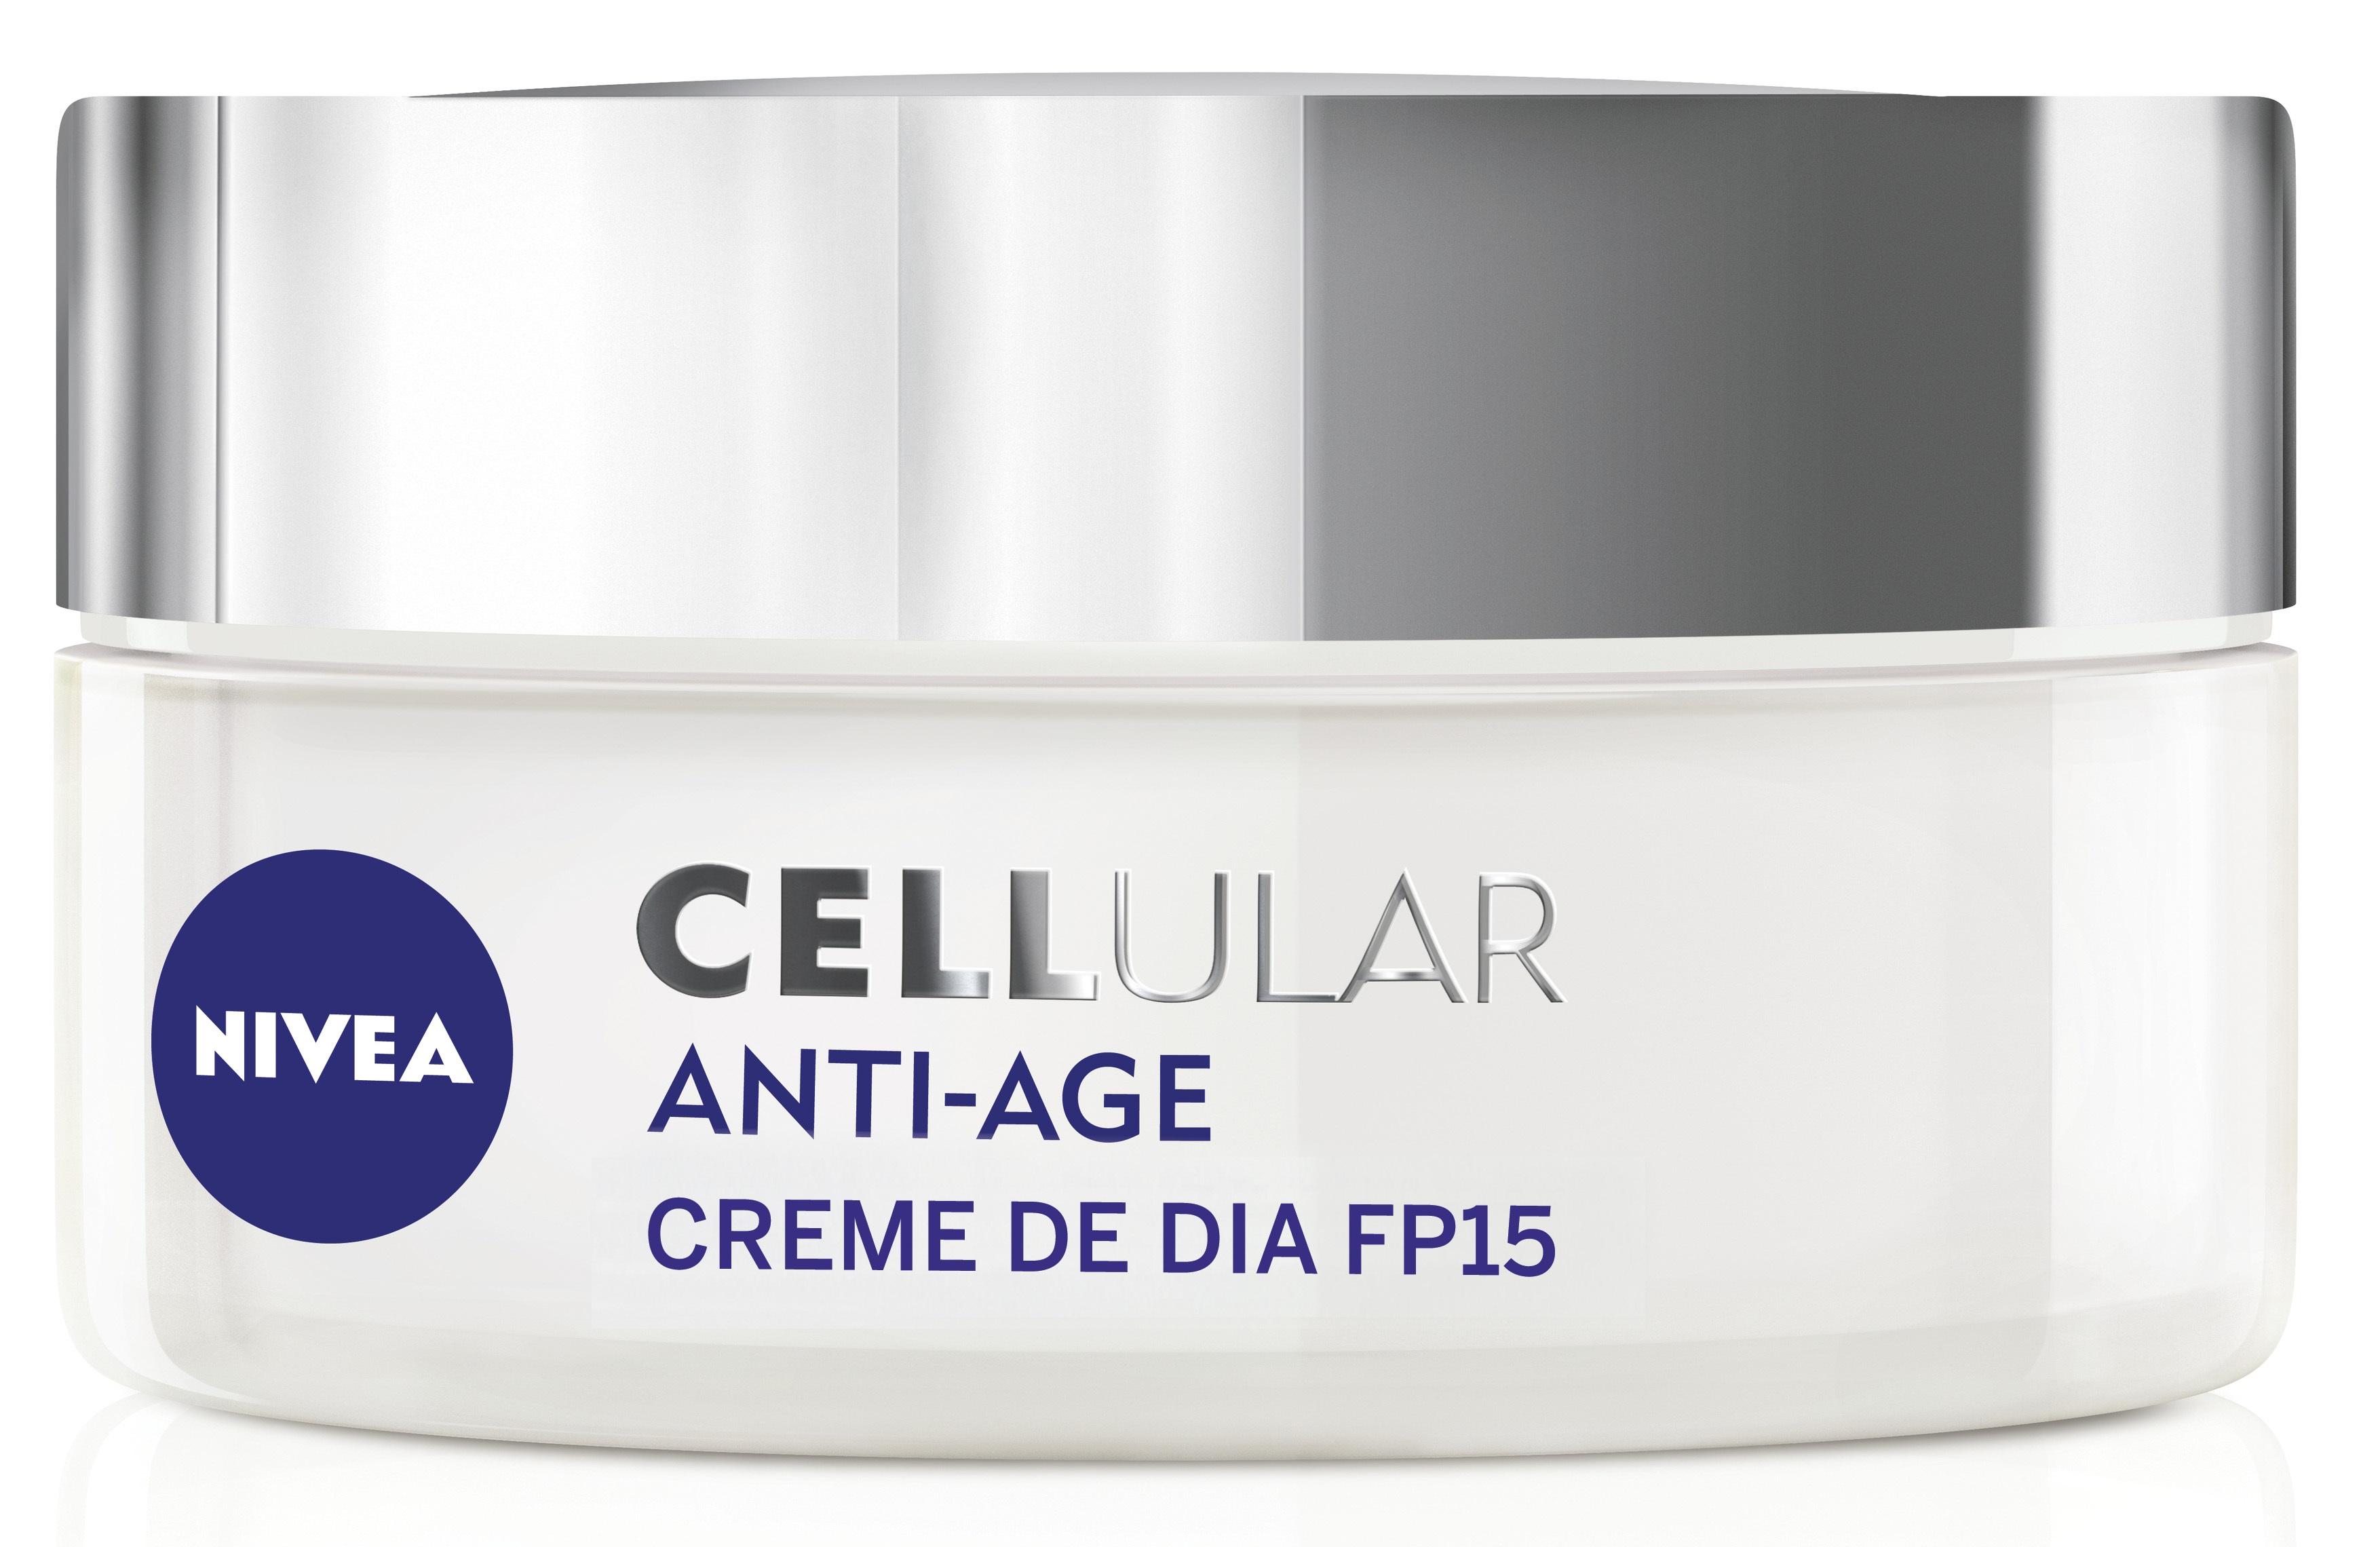 NIVEA CELLular Anti-Age Creme de Dia (FP15)  (1)